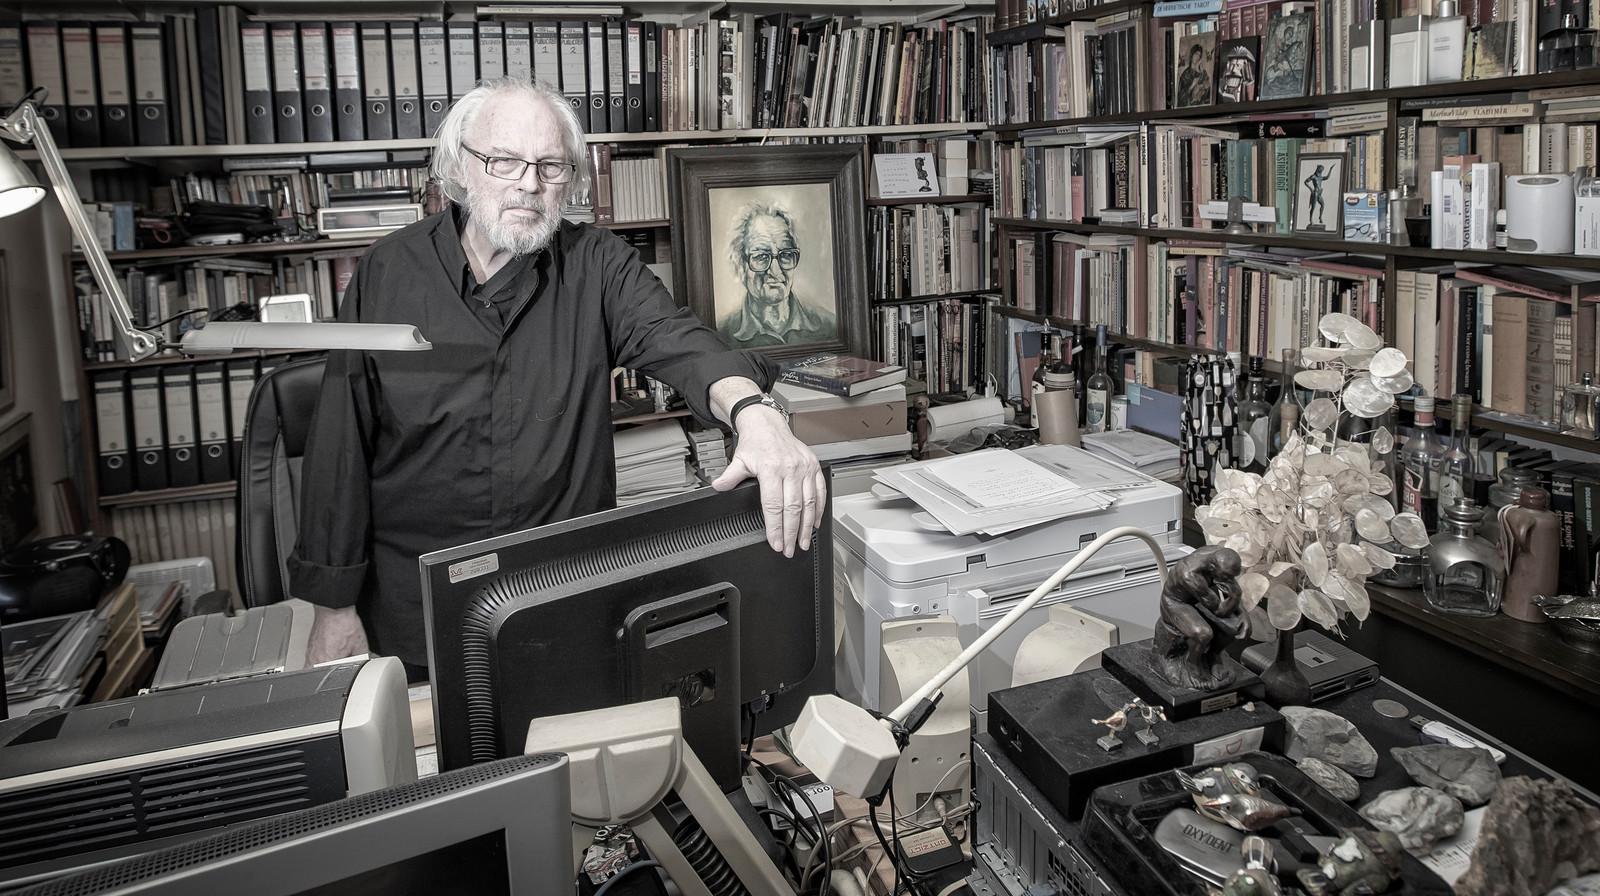 Gerrit Luidinga heeft zich zijn leven lang onafhankelijk opgesteld en gestreden tegen de maatschappij die wordt beheerst door fatsoen.